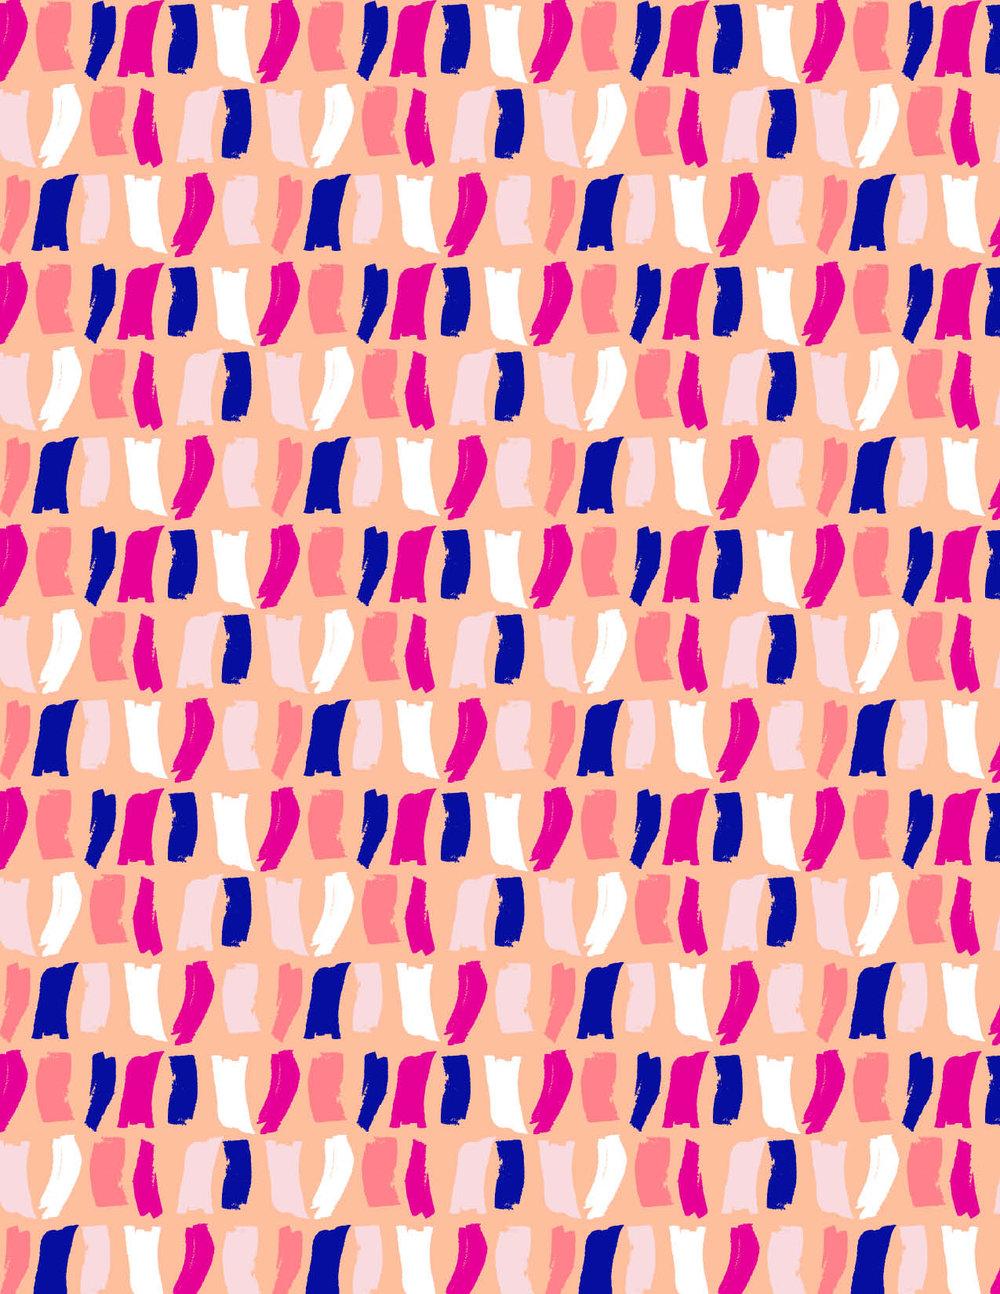 jessbruggink_pattern2.jpg